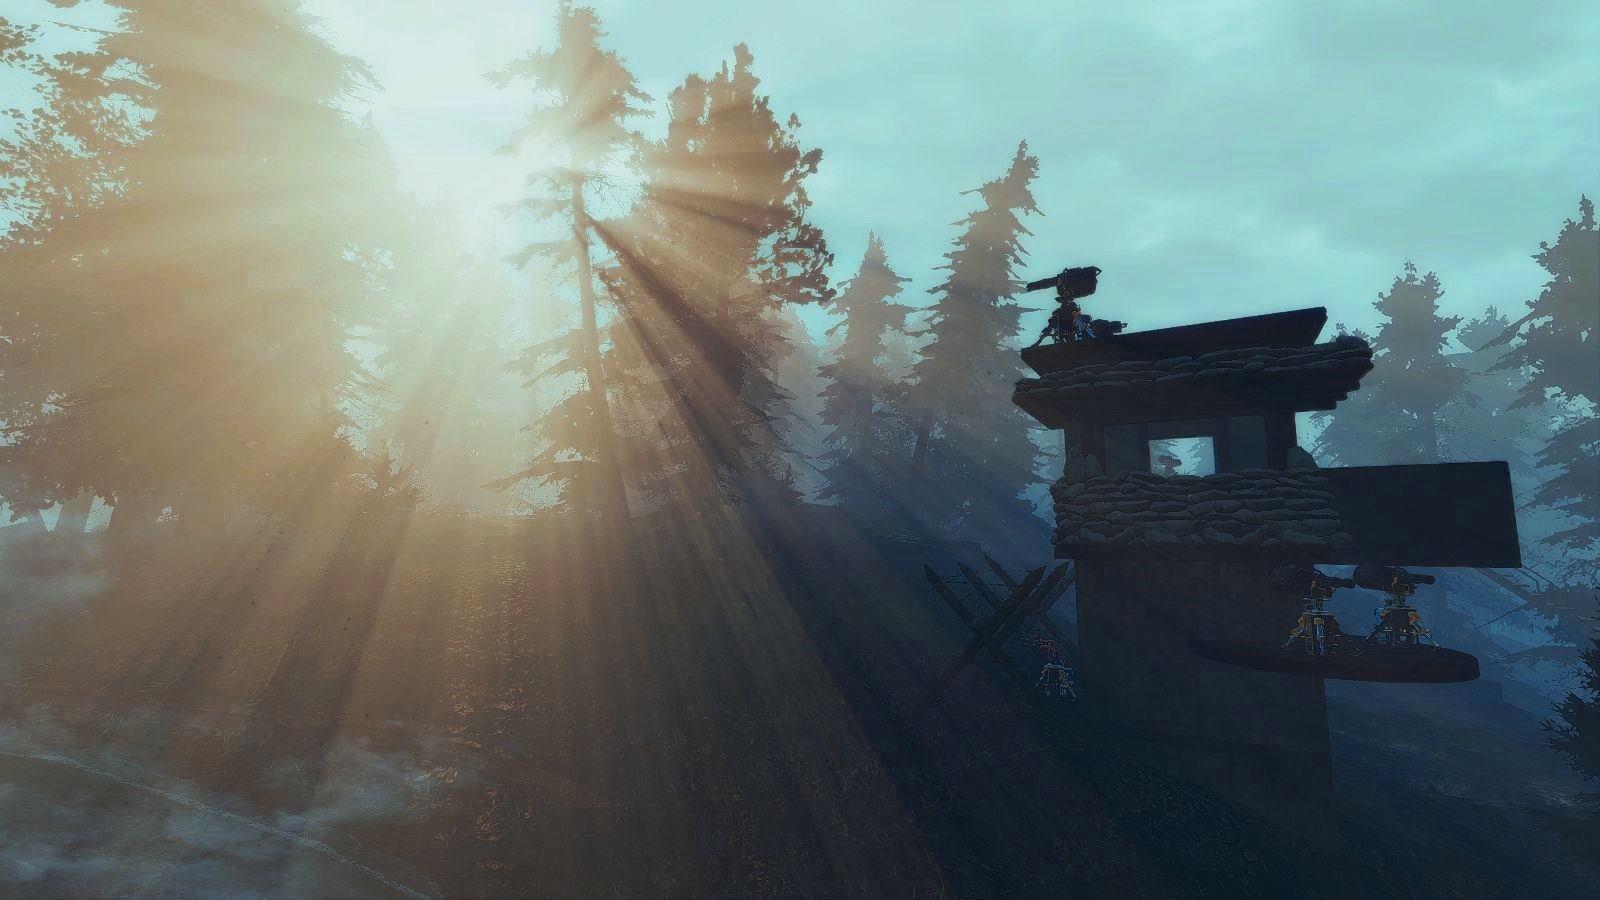 Красота в безумном мире.. Fallout-4 (Сборка 6.5)